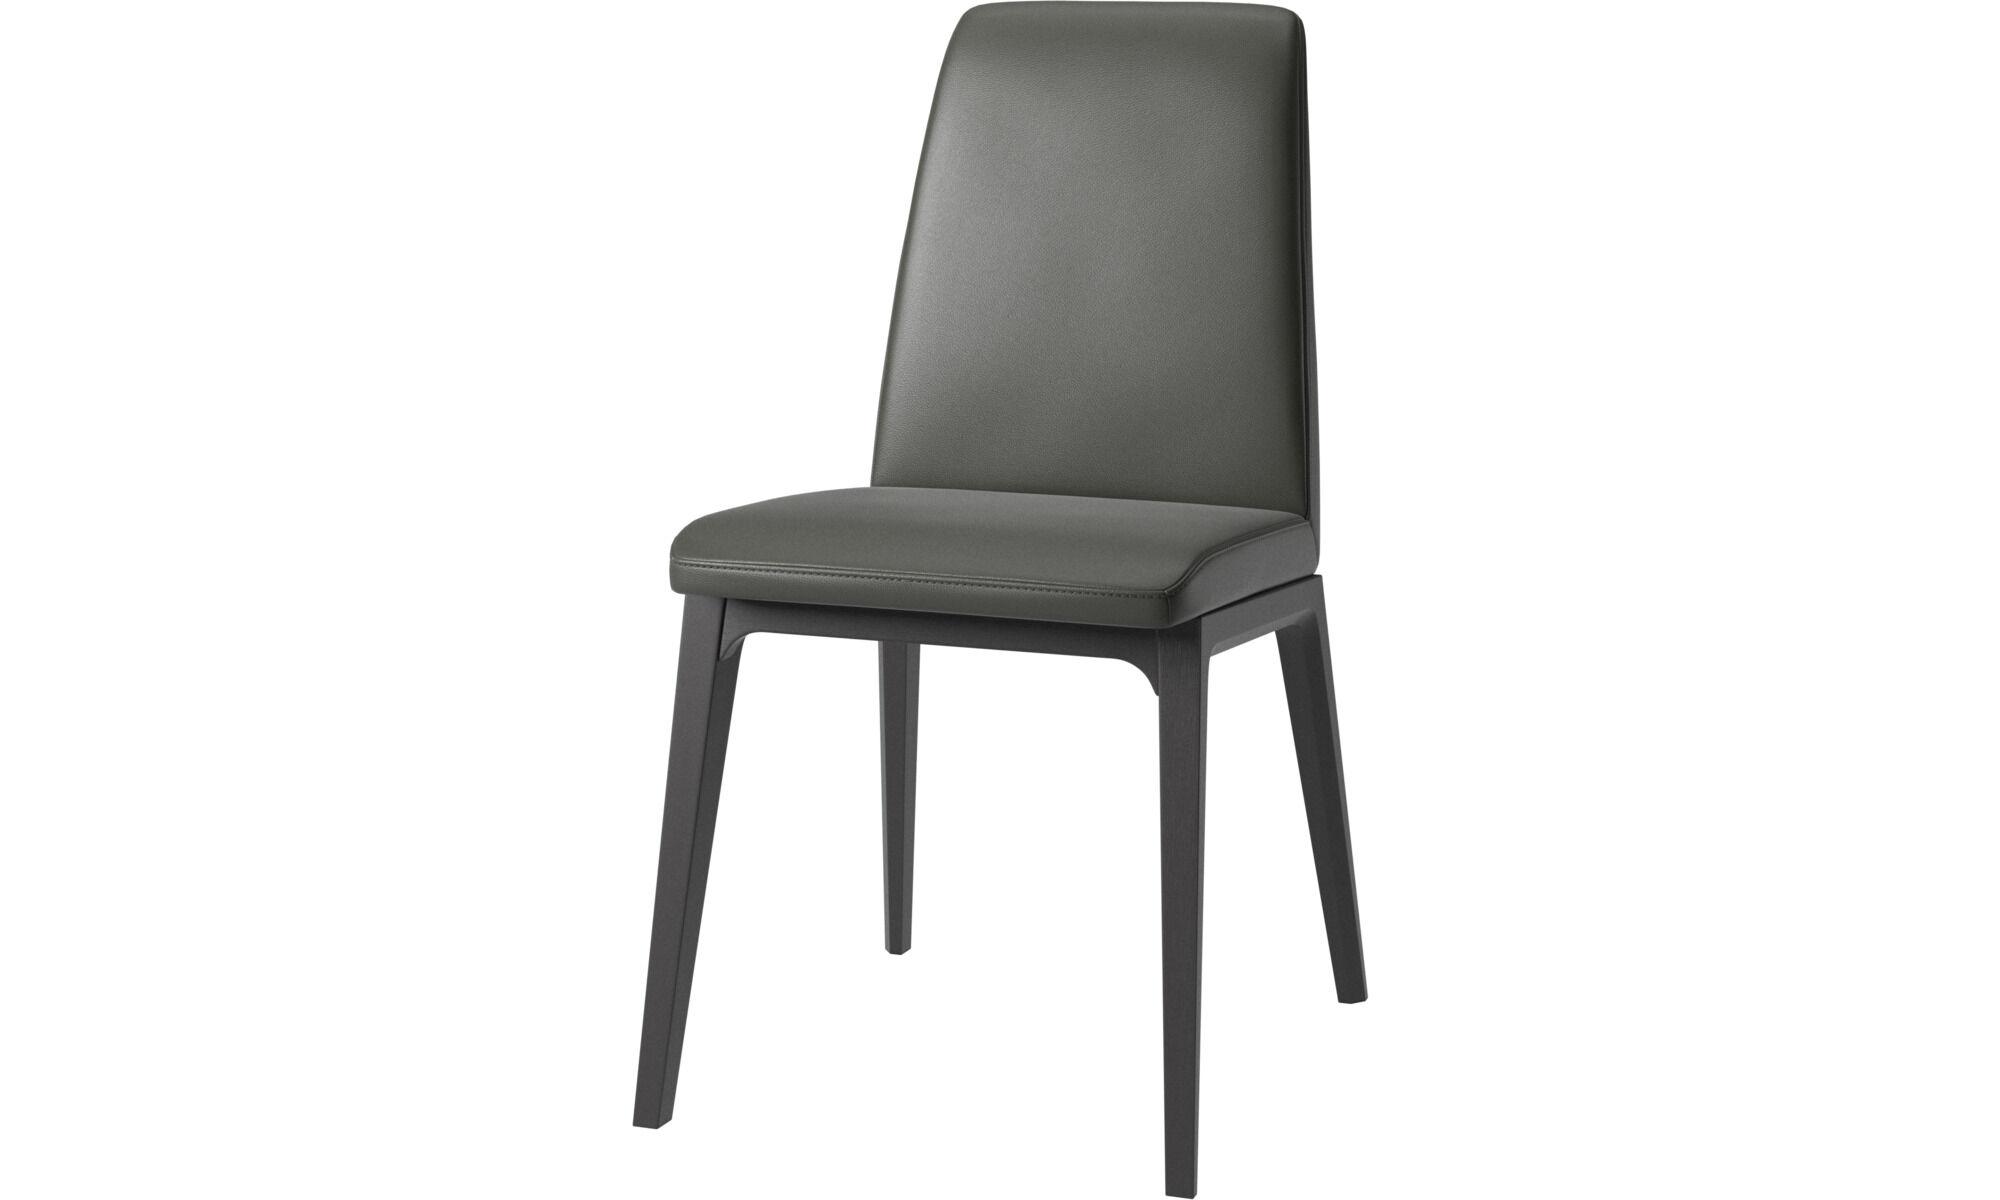 Merveilleux Lausanne Chair